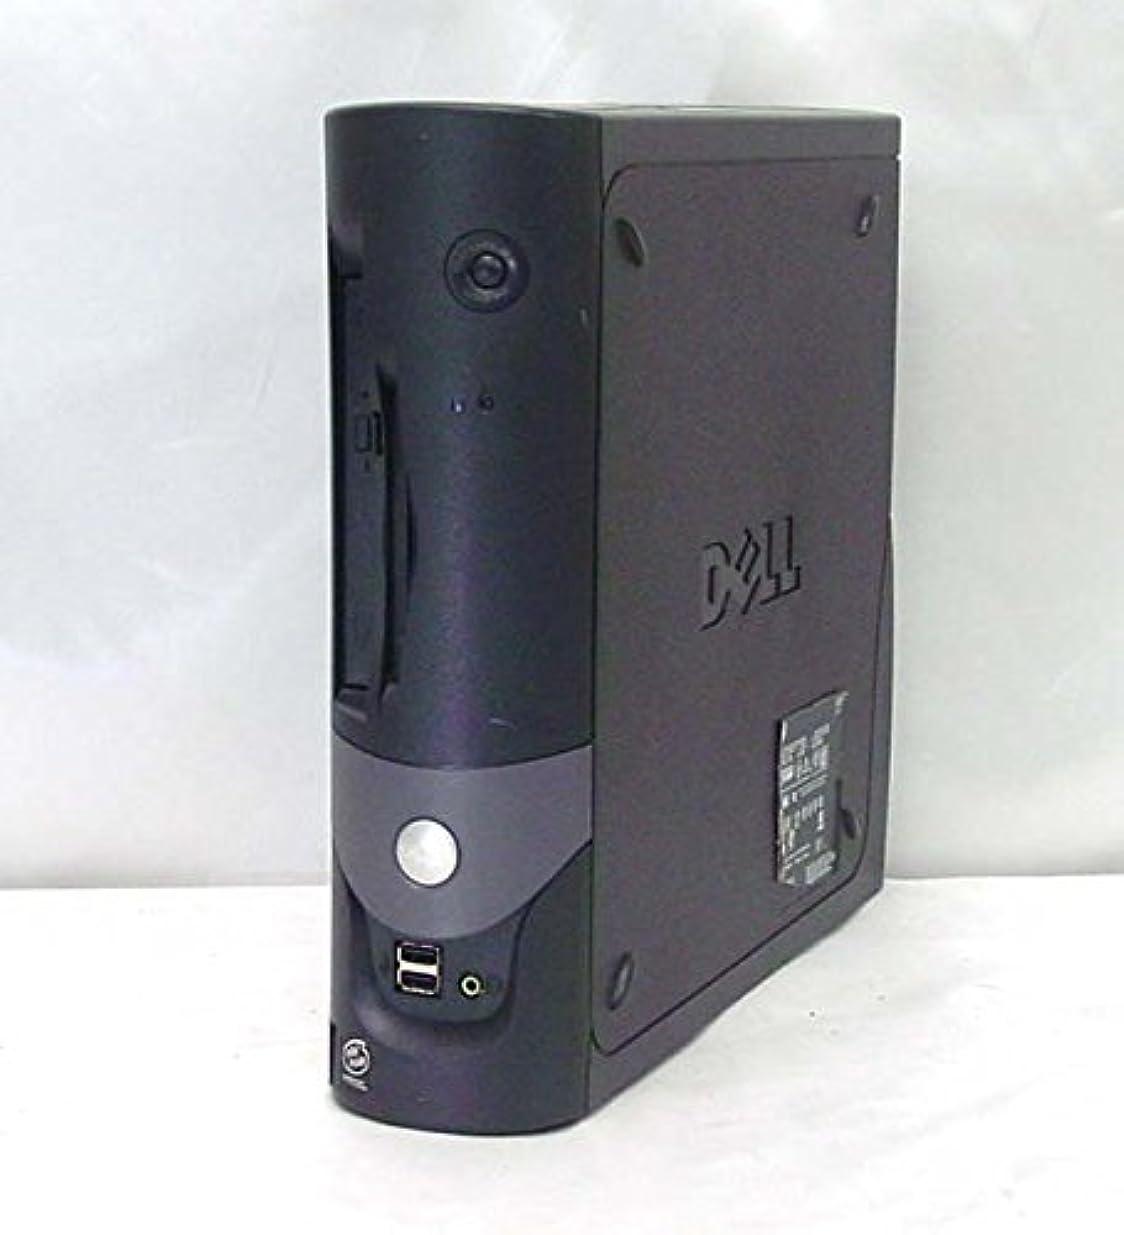 尽きるバナナキネマティクスDell OptiPlex GX60 (WINDOWS XP 40 GB, Intel Celeron, 1.7 GHz, 256 MB) デスクトップパソコン